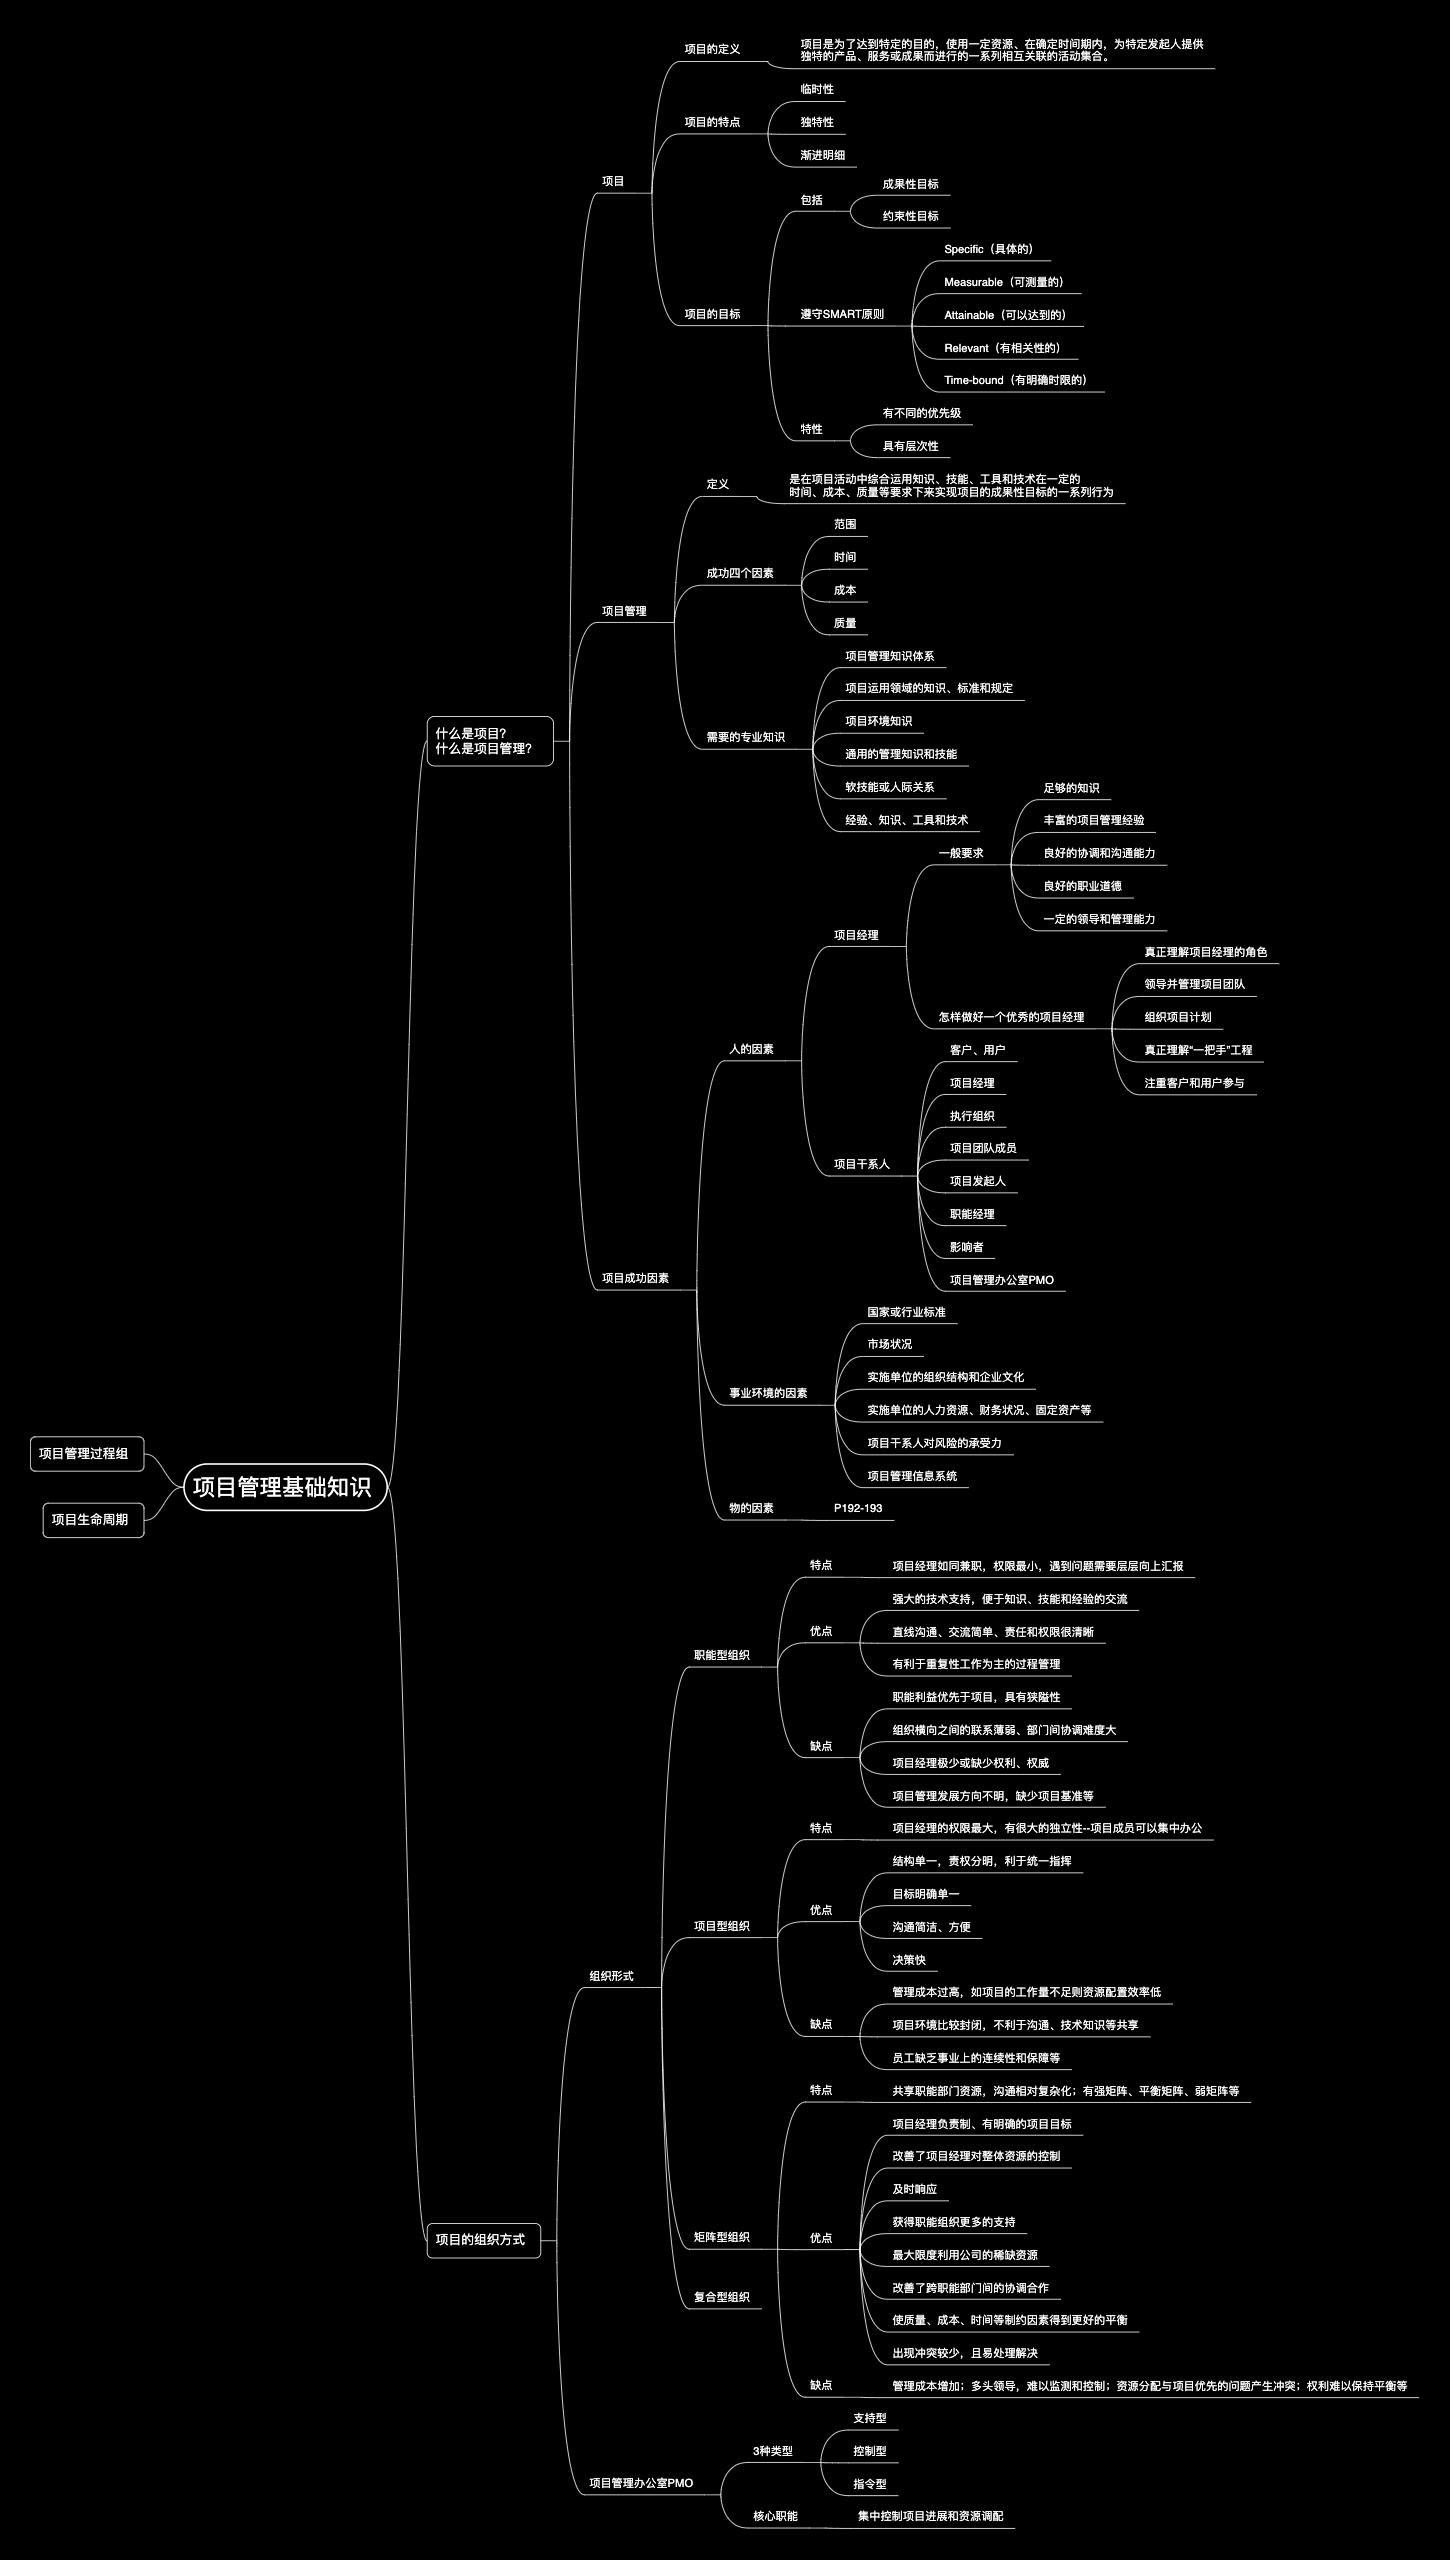 项目管理基础知识